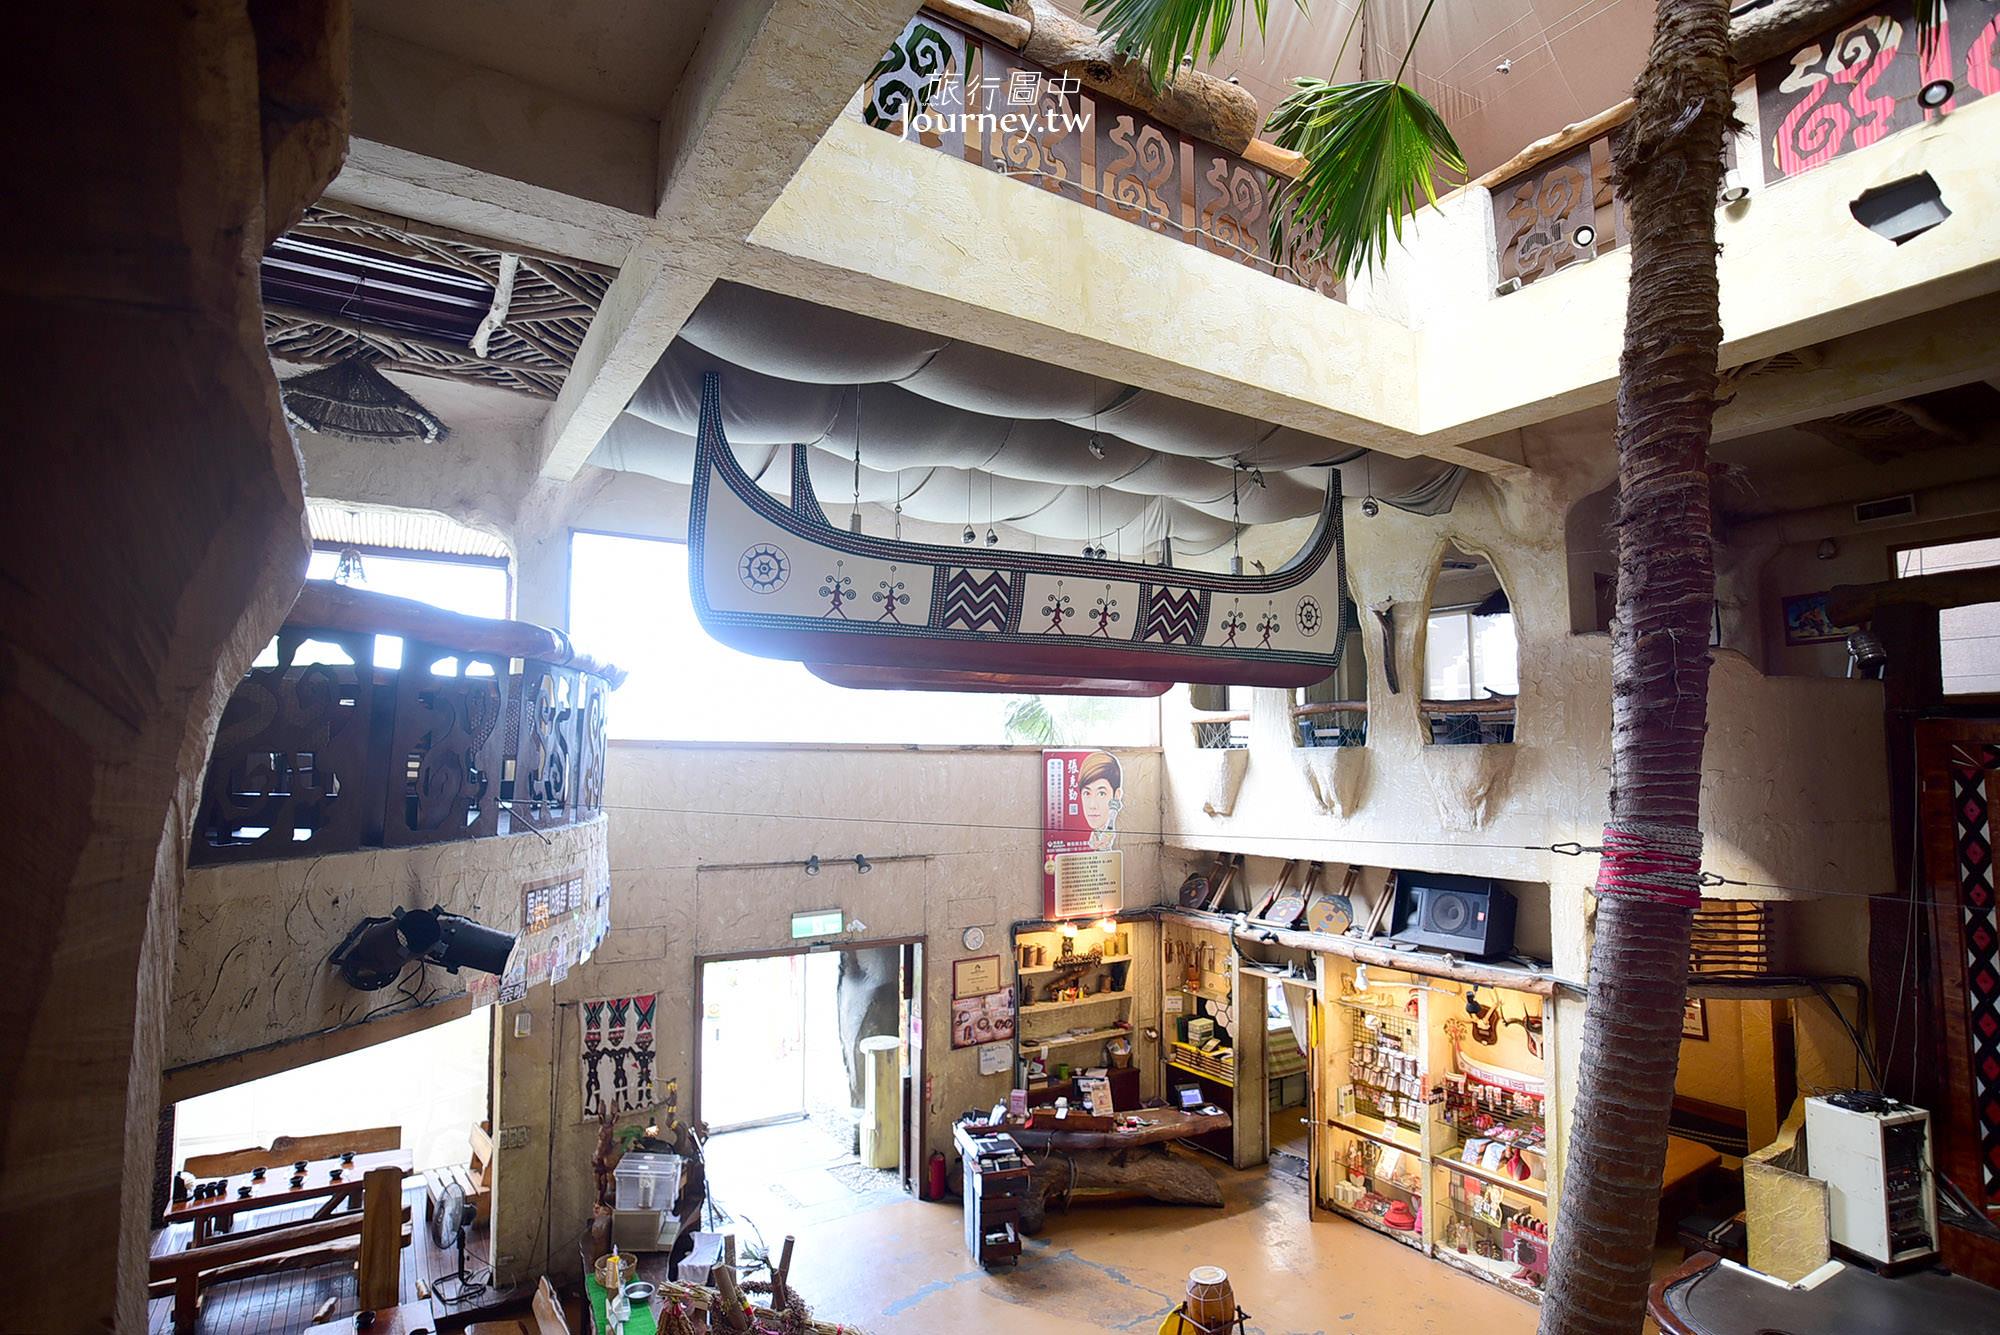 八里美食,八里餐廳,原住民餐廳,八里景點,八里旅遊